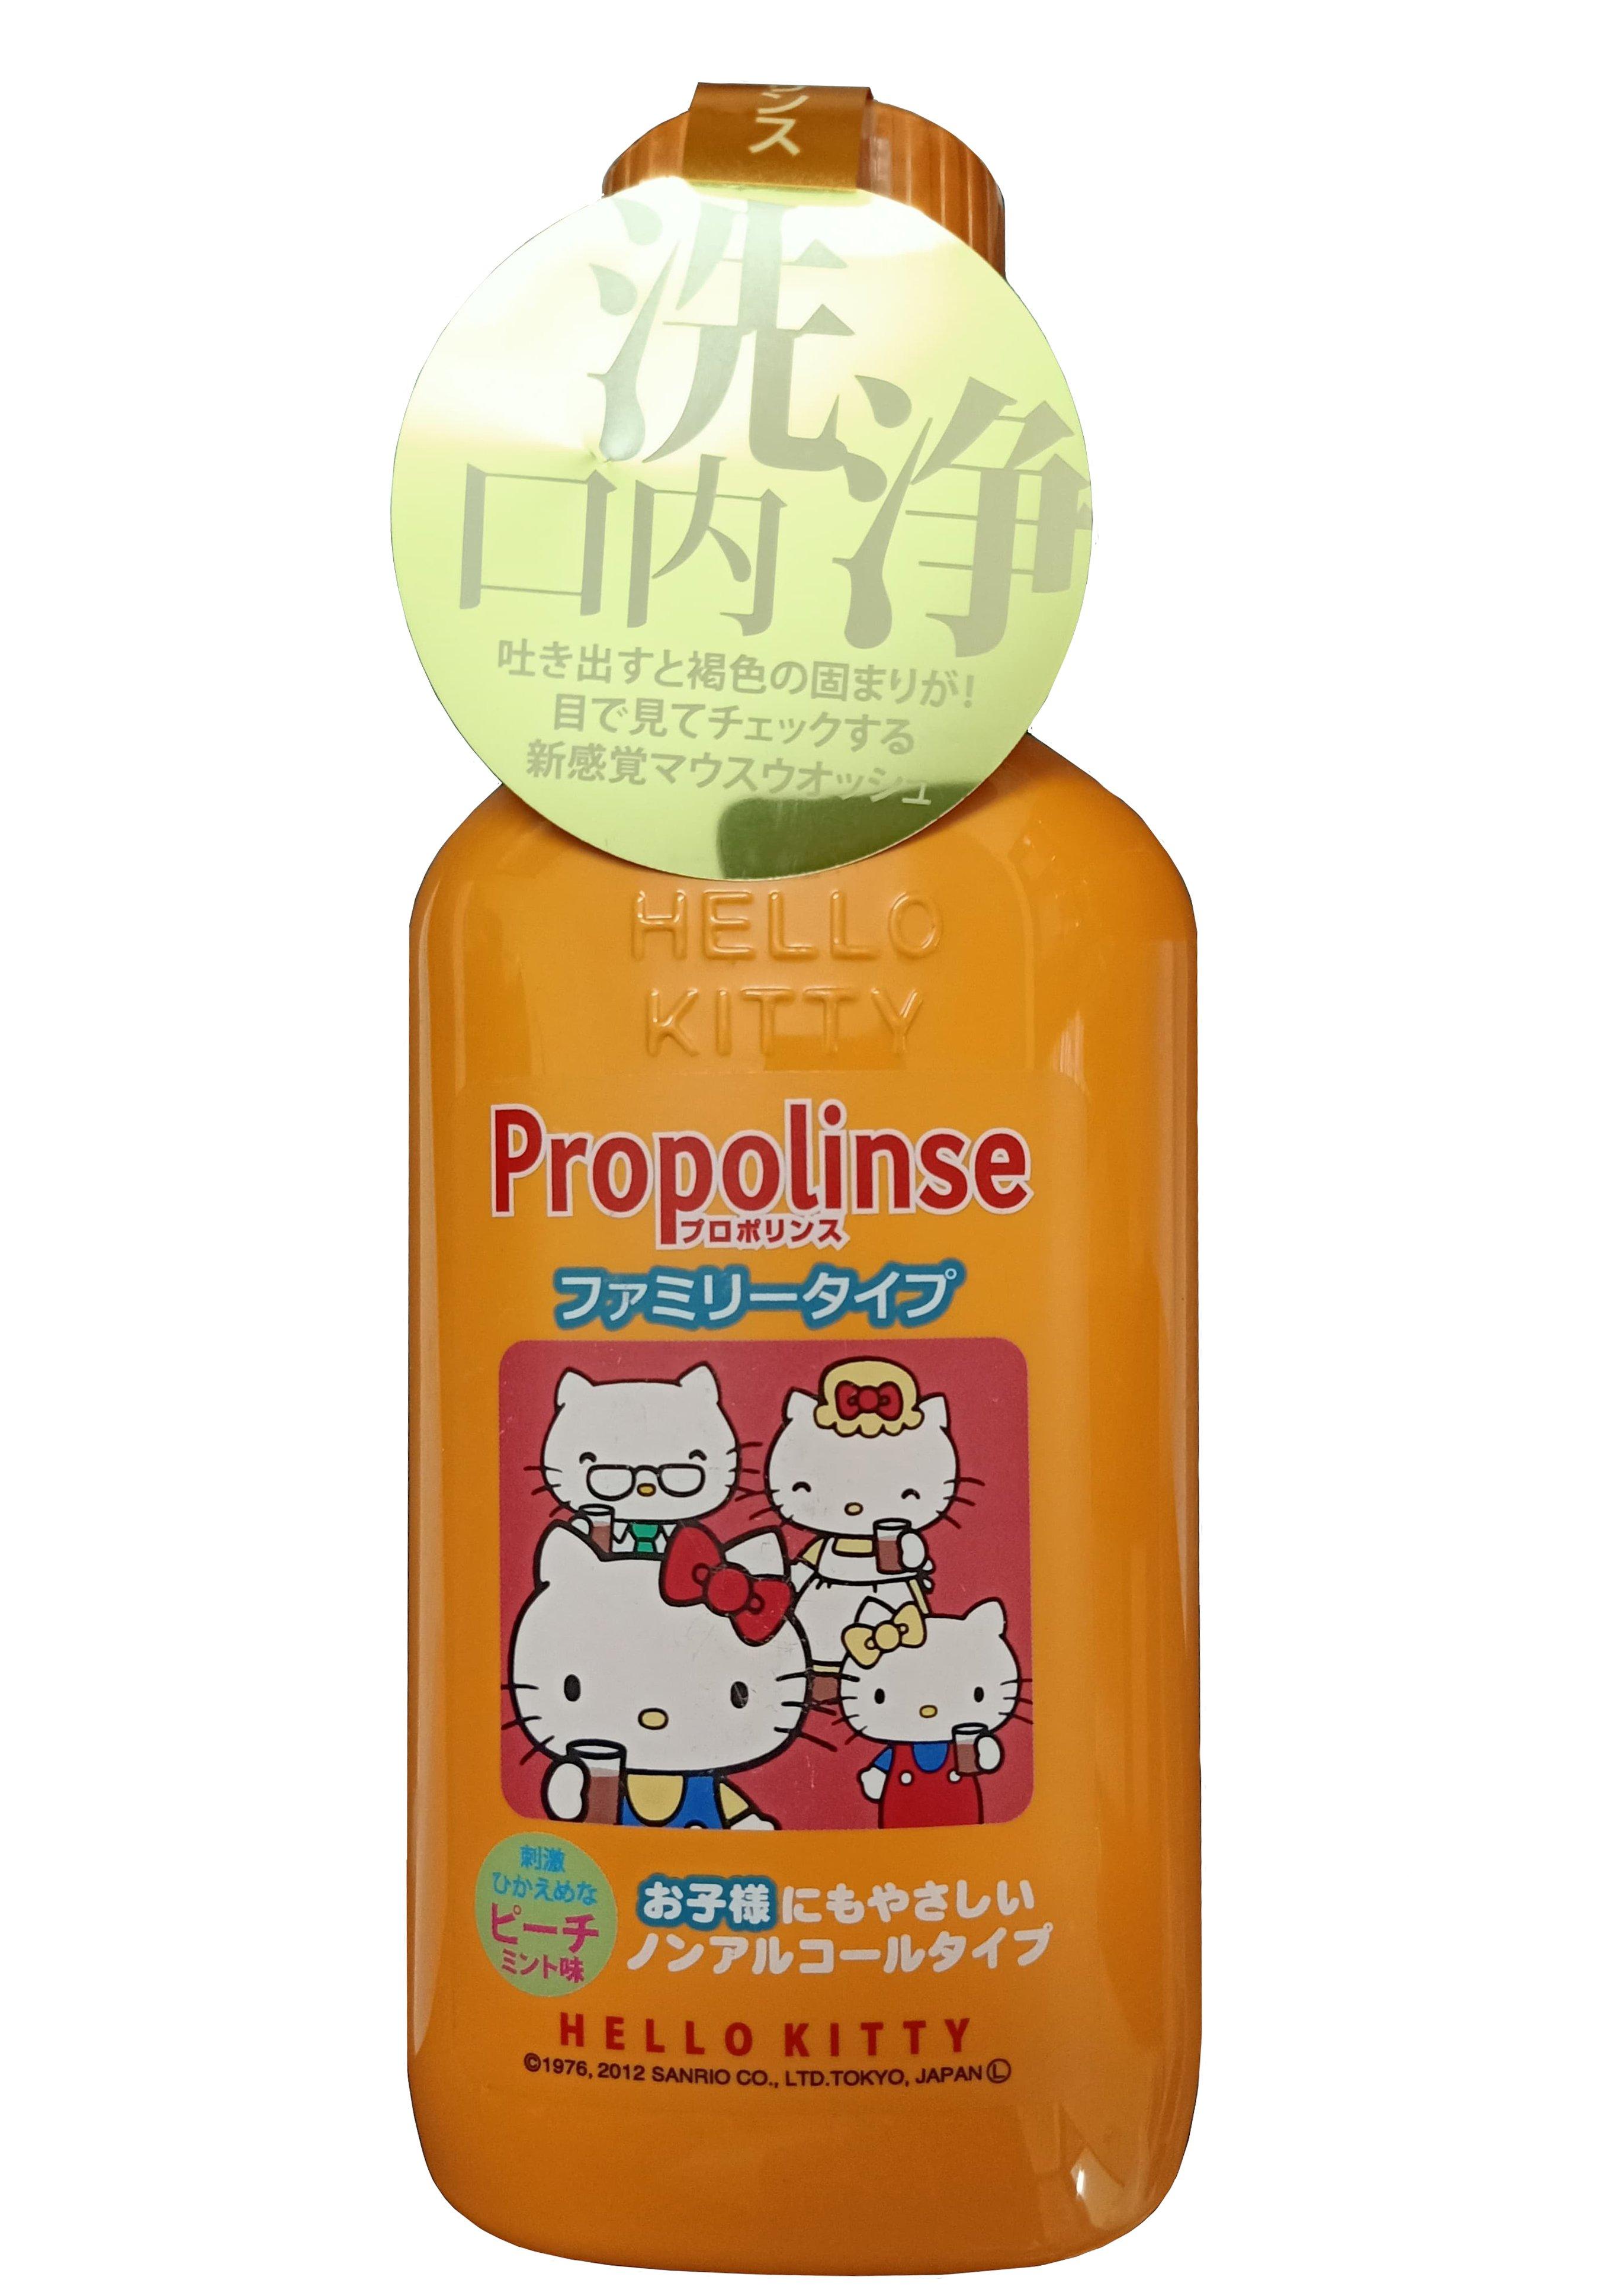 Nước súc miệng Propolinse Hello Kitty dành riêng cho trẻ em